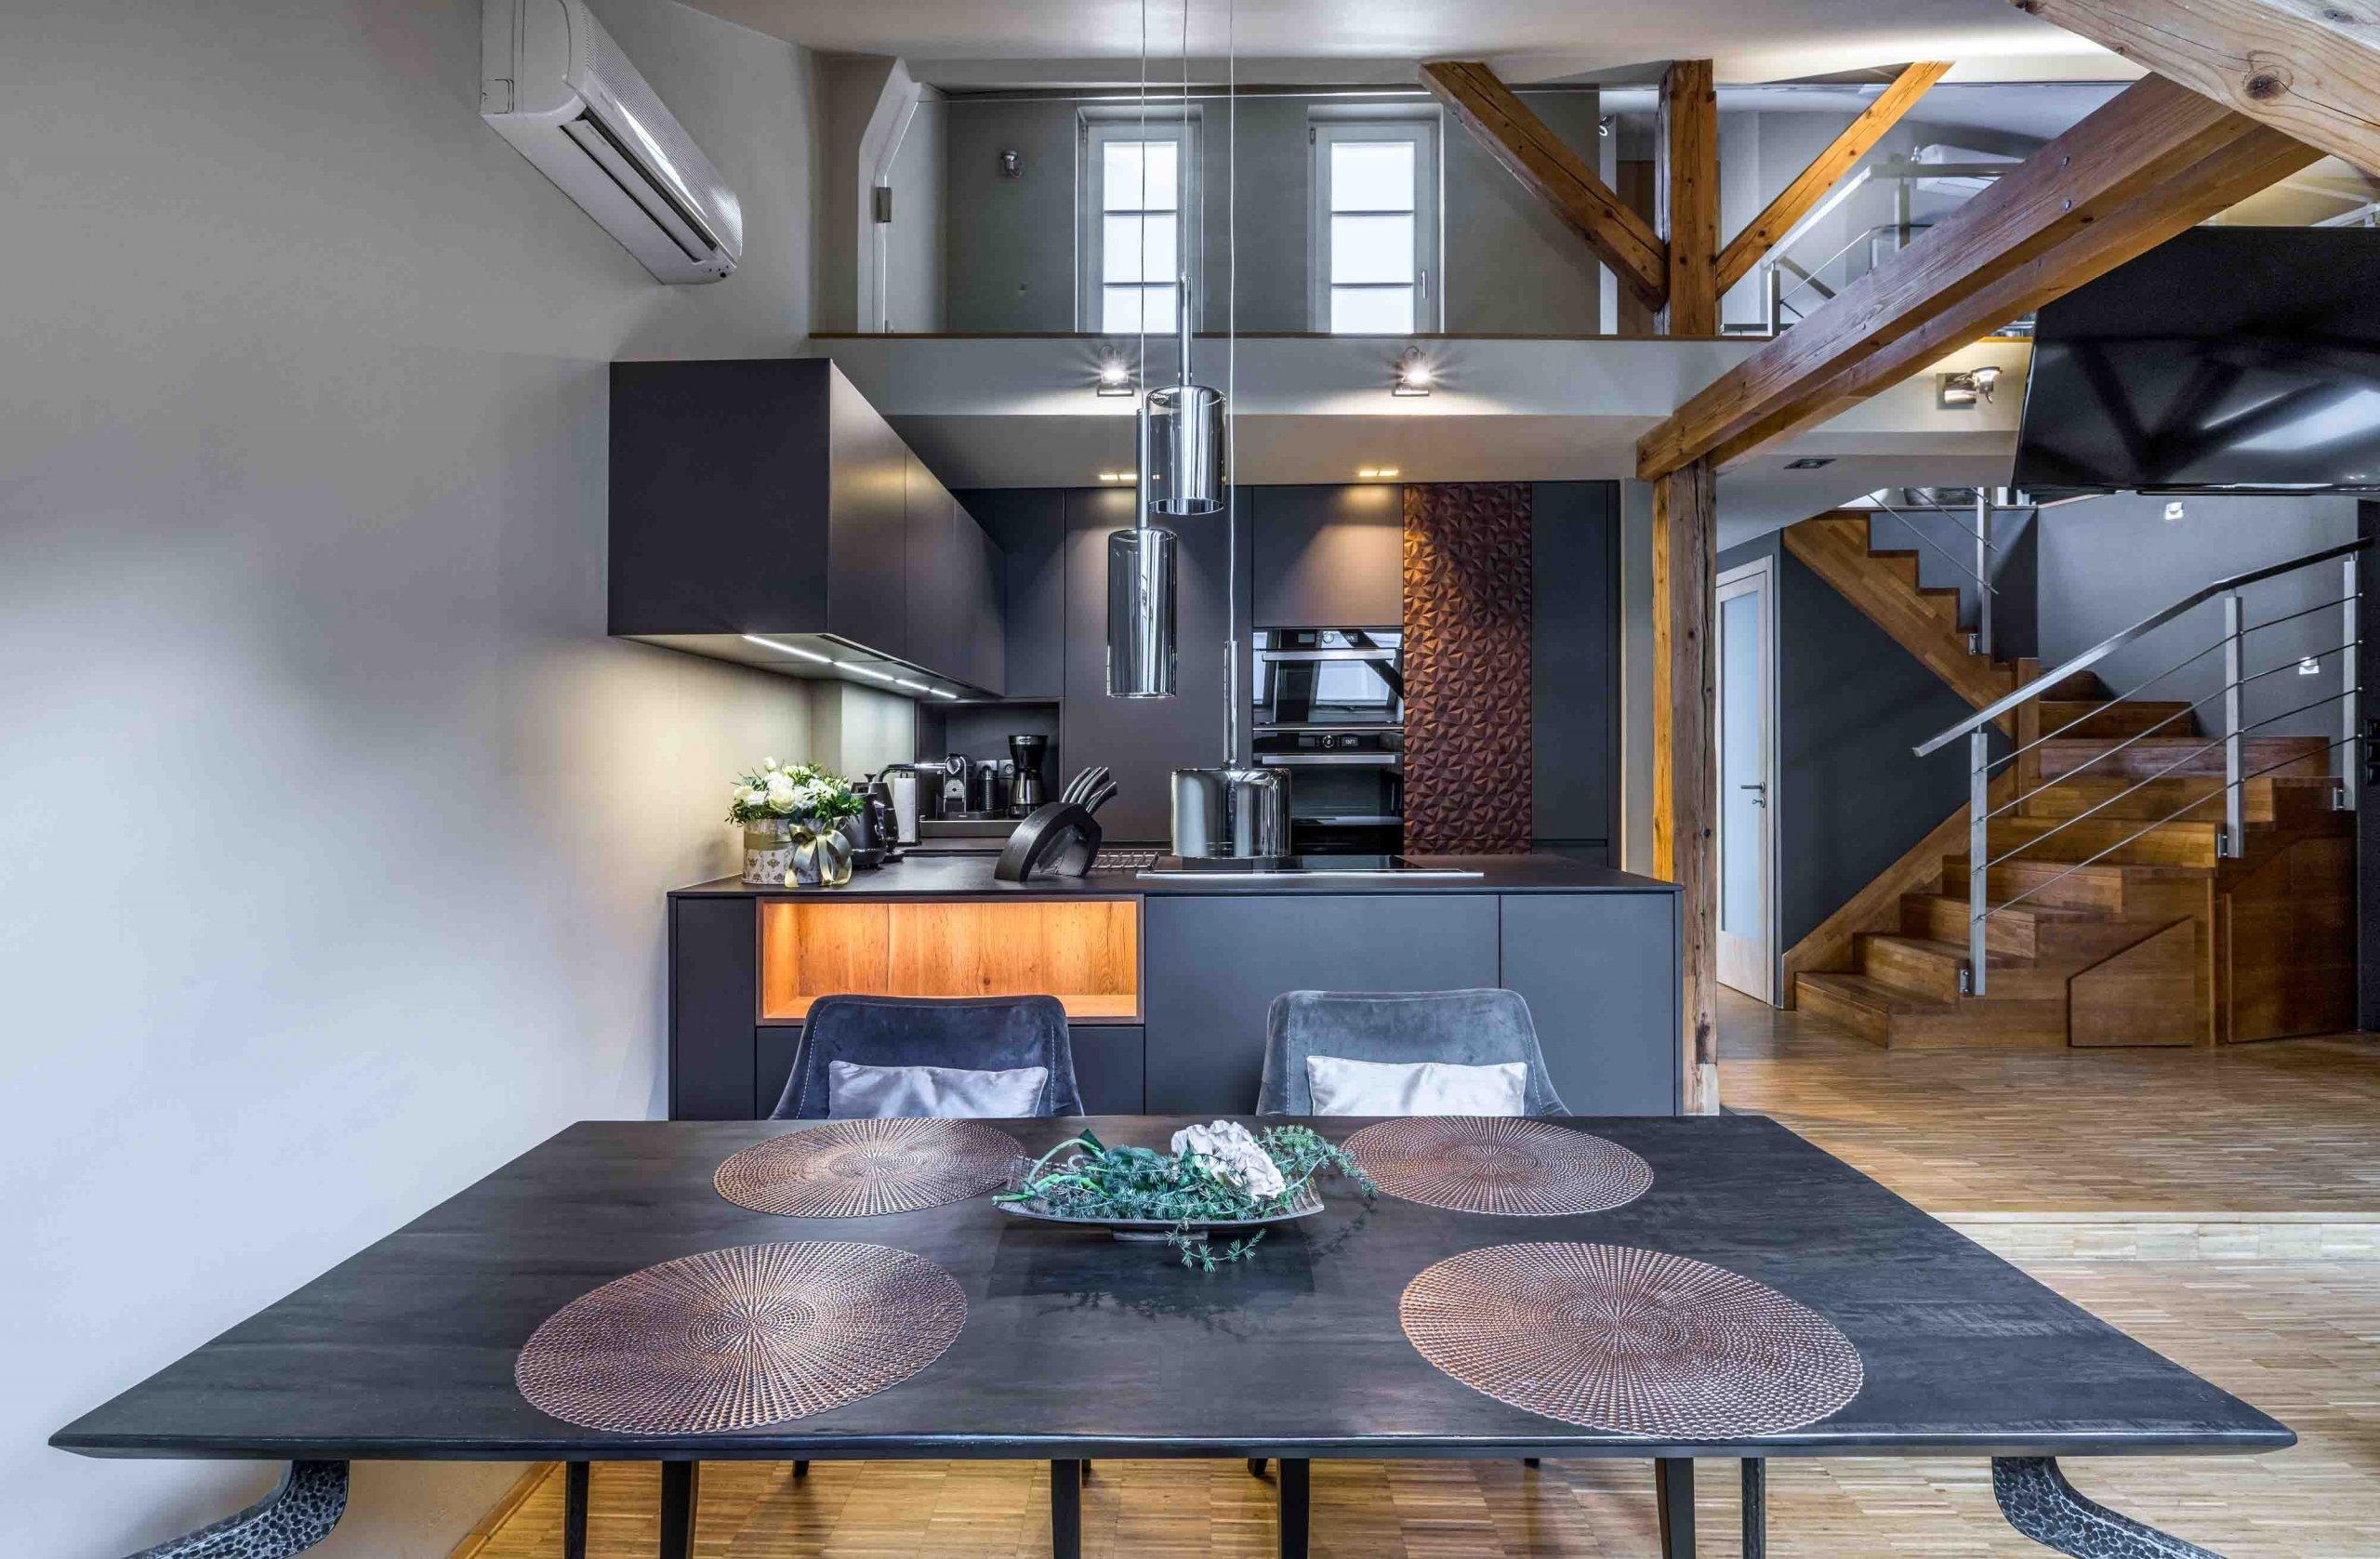 Kuchyně je situovaná do rohové části spodního patra, naproti schodišti, z jedné strany lemovaná svažující se zdí, z druhé dřevěnými trámy. Vyžadovalo to…